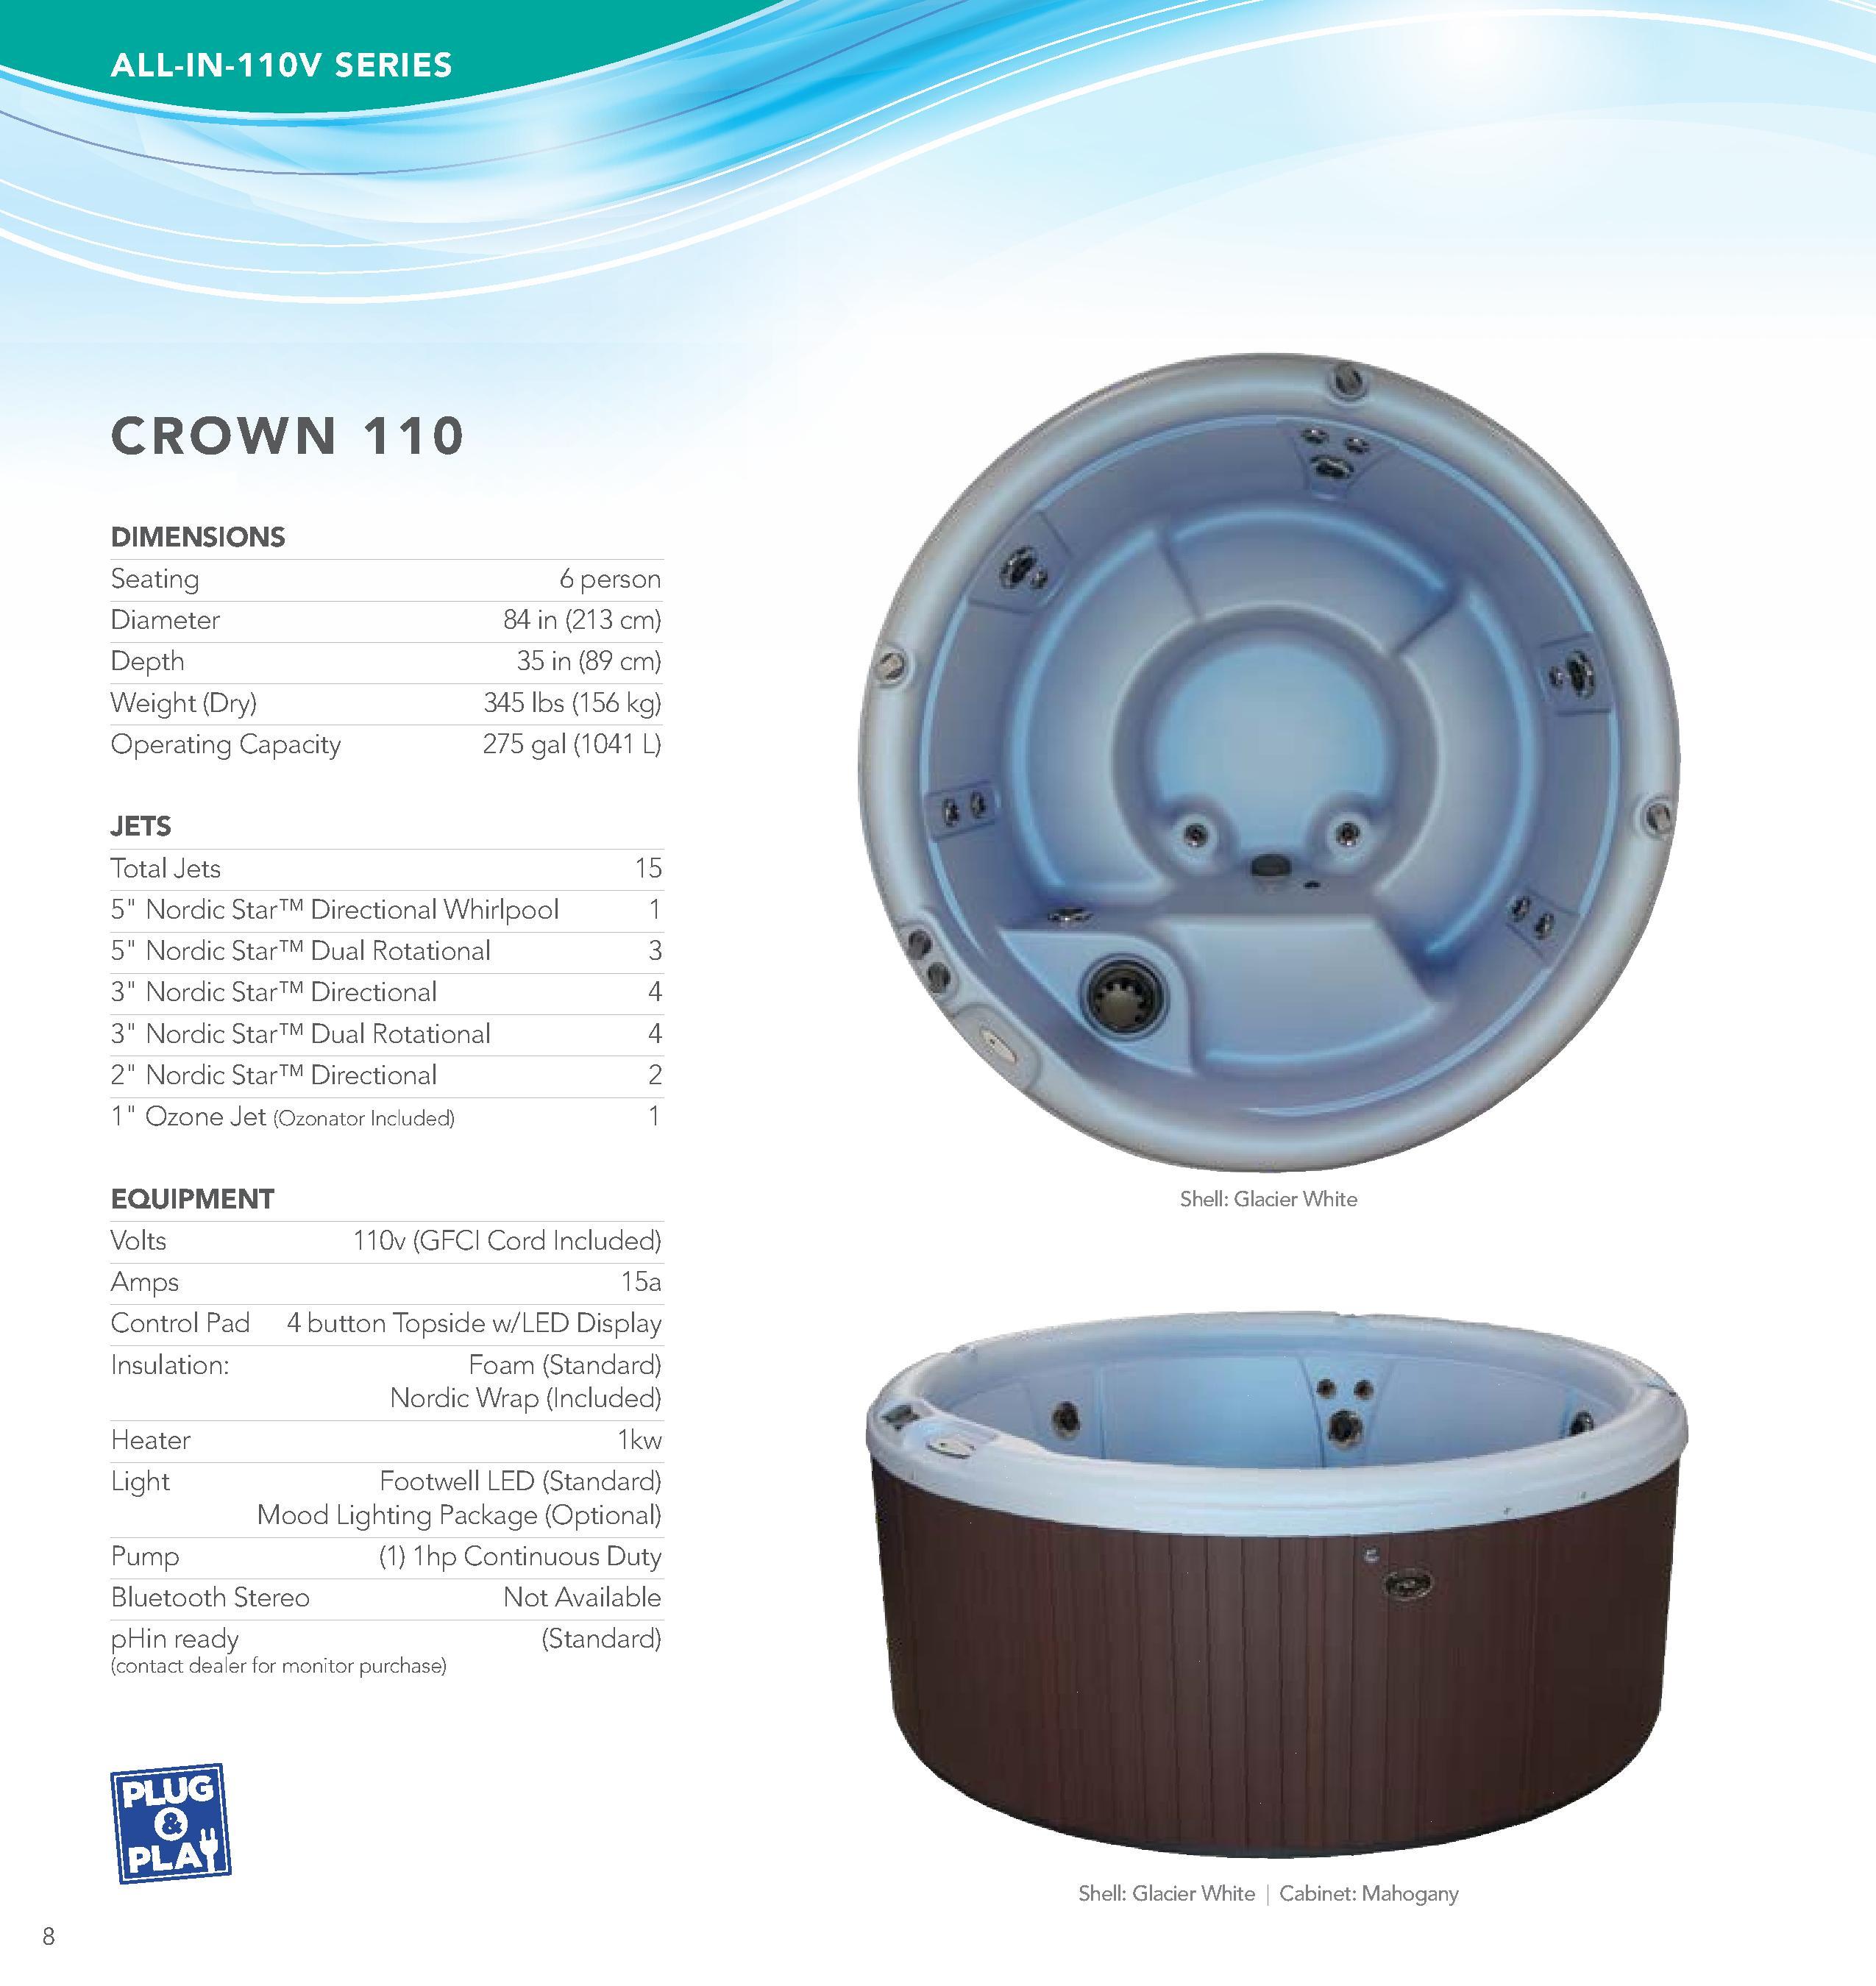 Crown 110